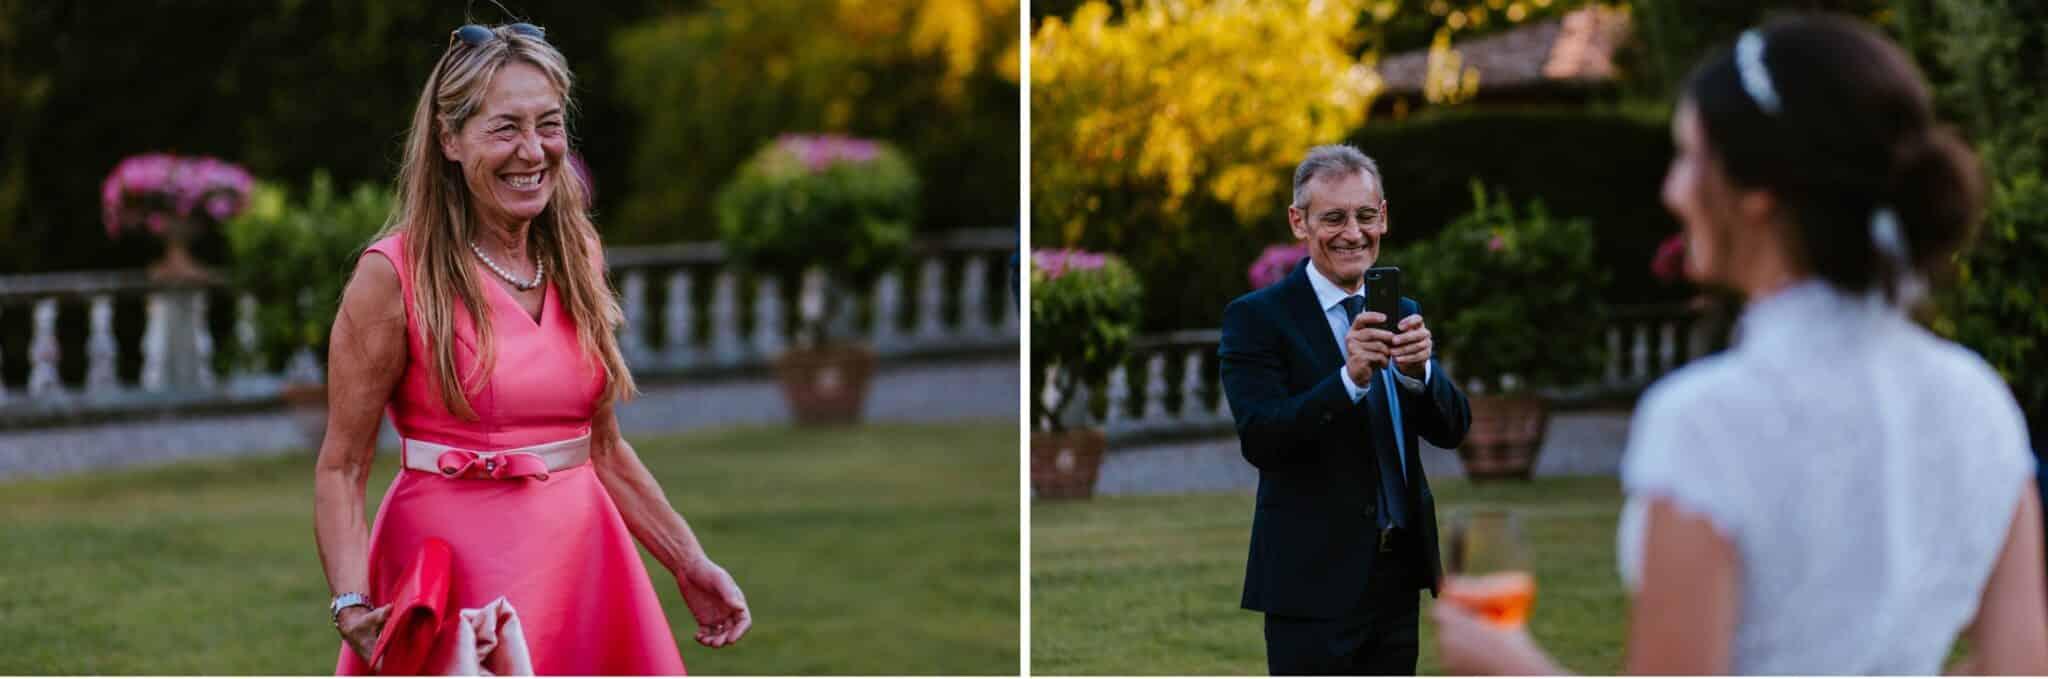 momenti rubati di un matrimonio Villa Grabau